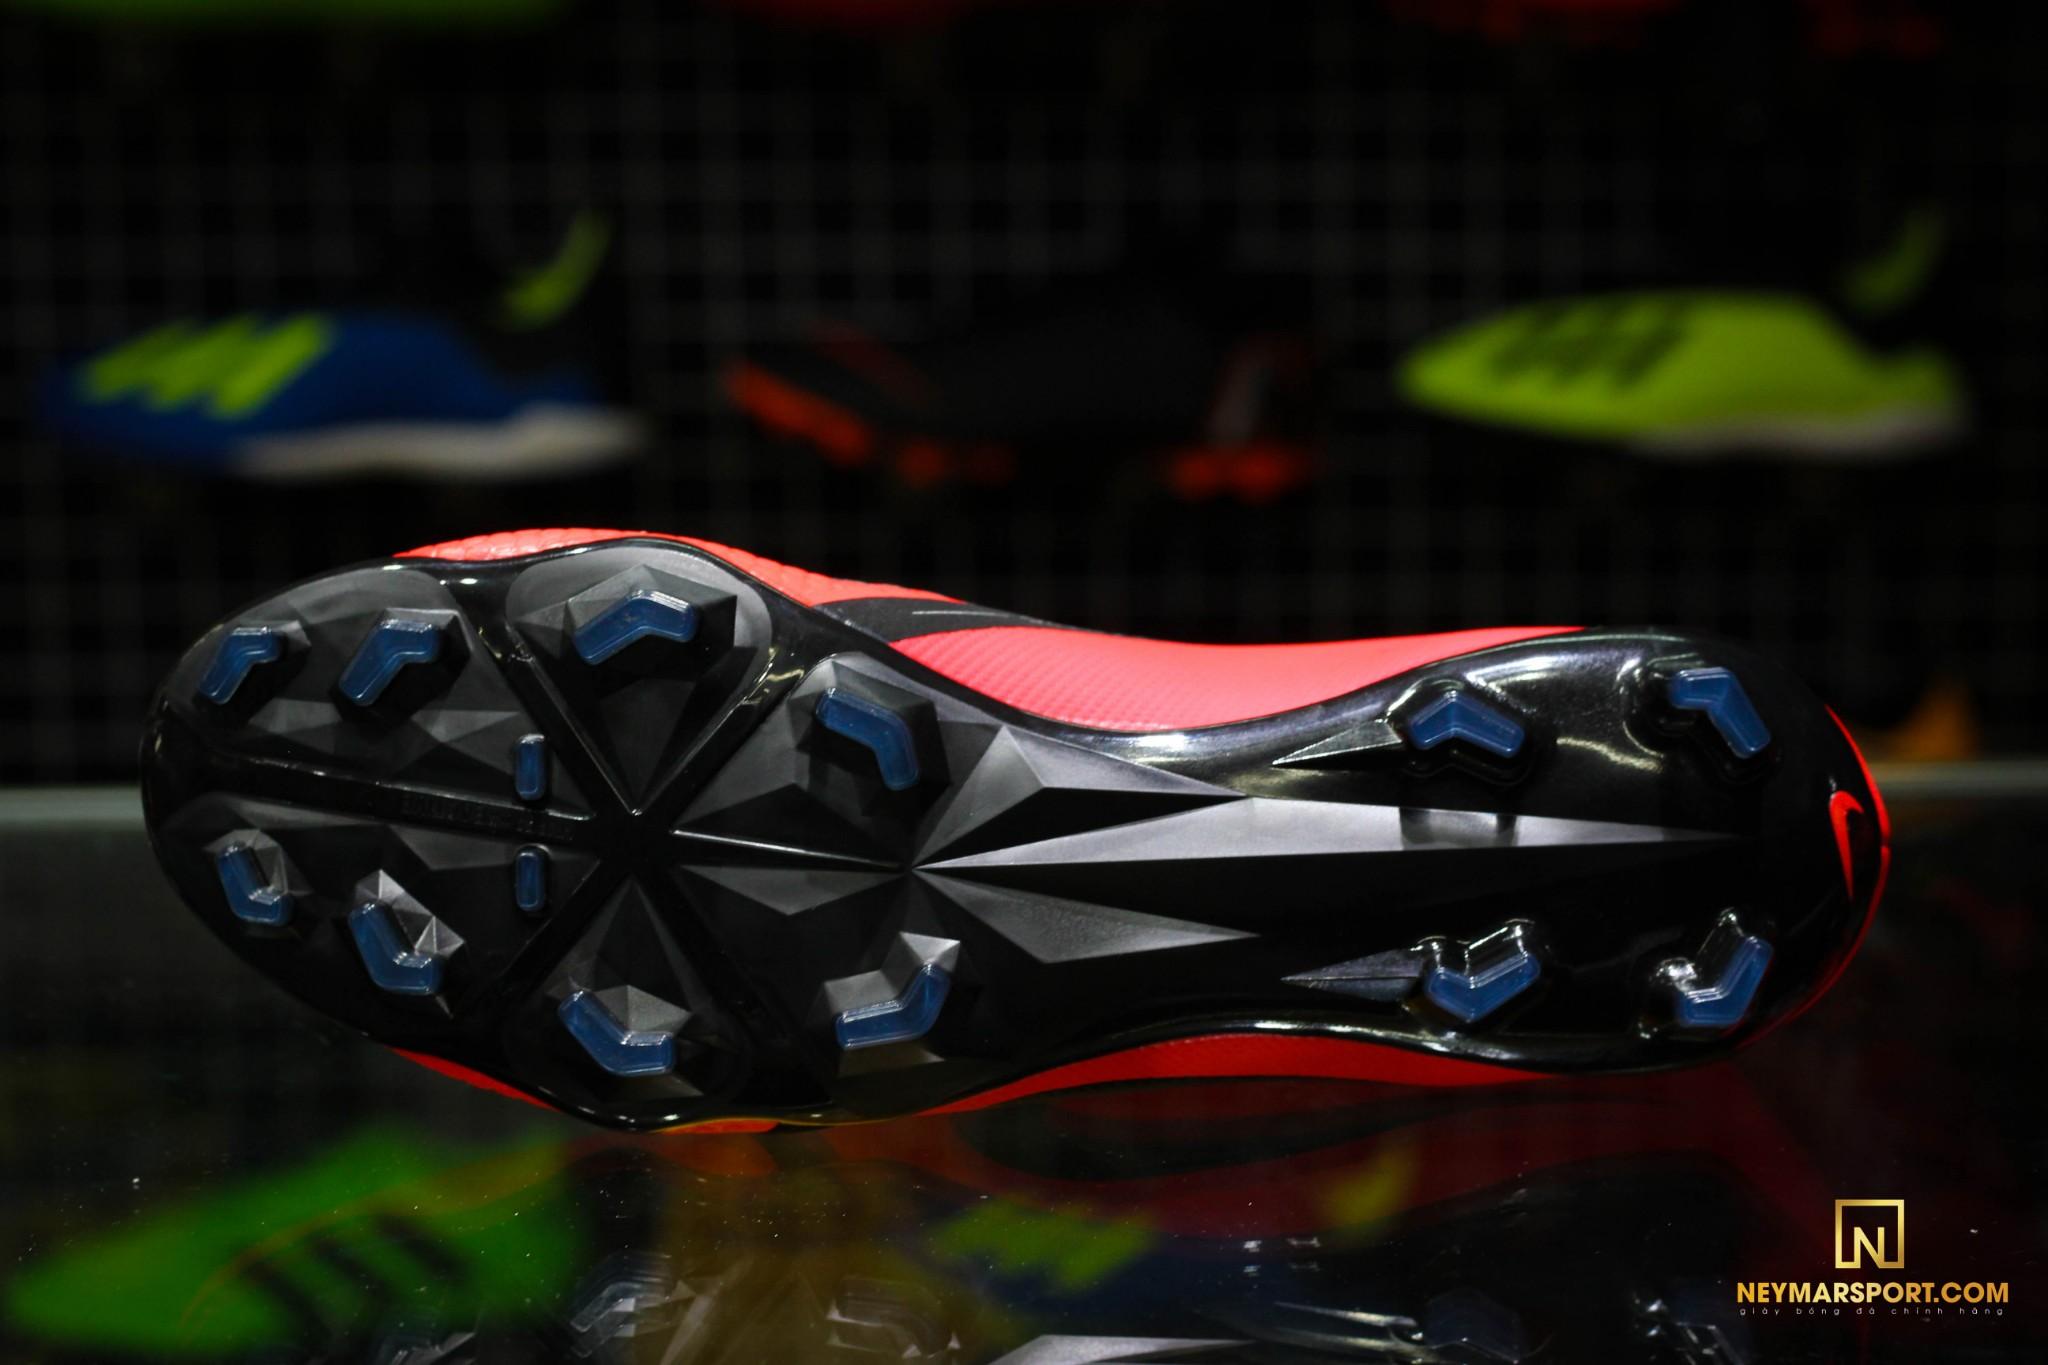 Giày đá banh chính hãng. Giày đá banh Nike. Phantom Venom